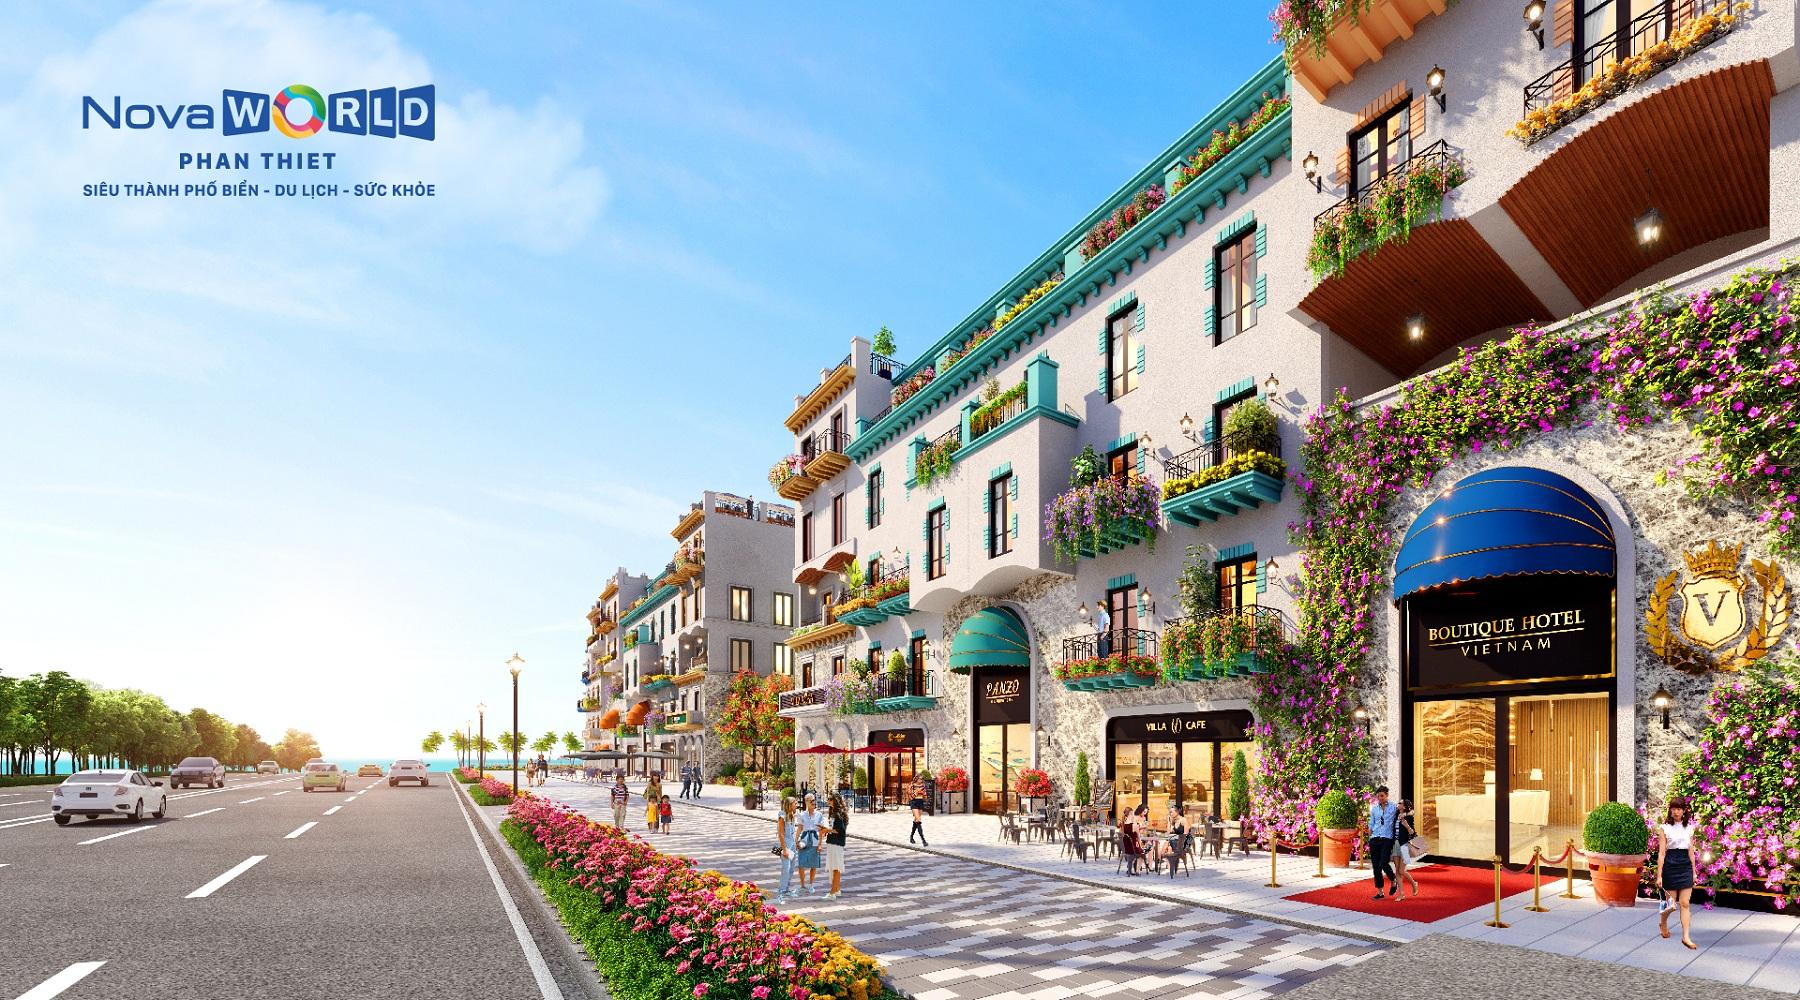 Nhà đầu tư bị cuốn hút bởi Boutique Hotel Novaworld Phan Thiet